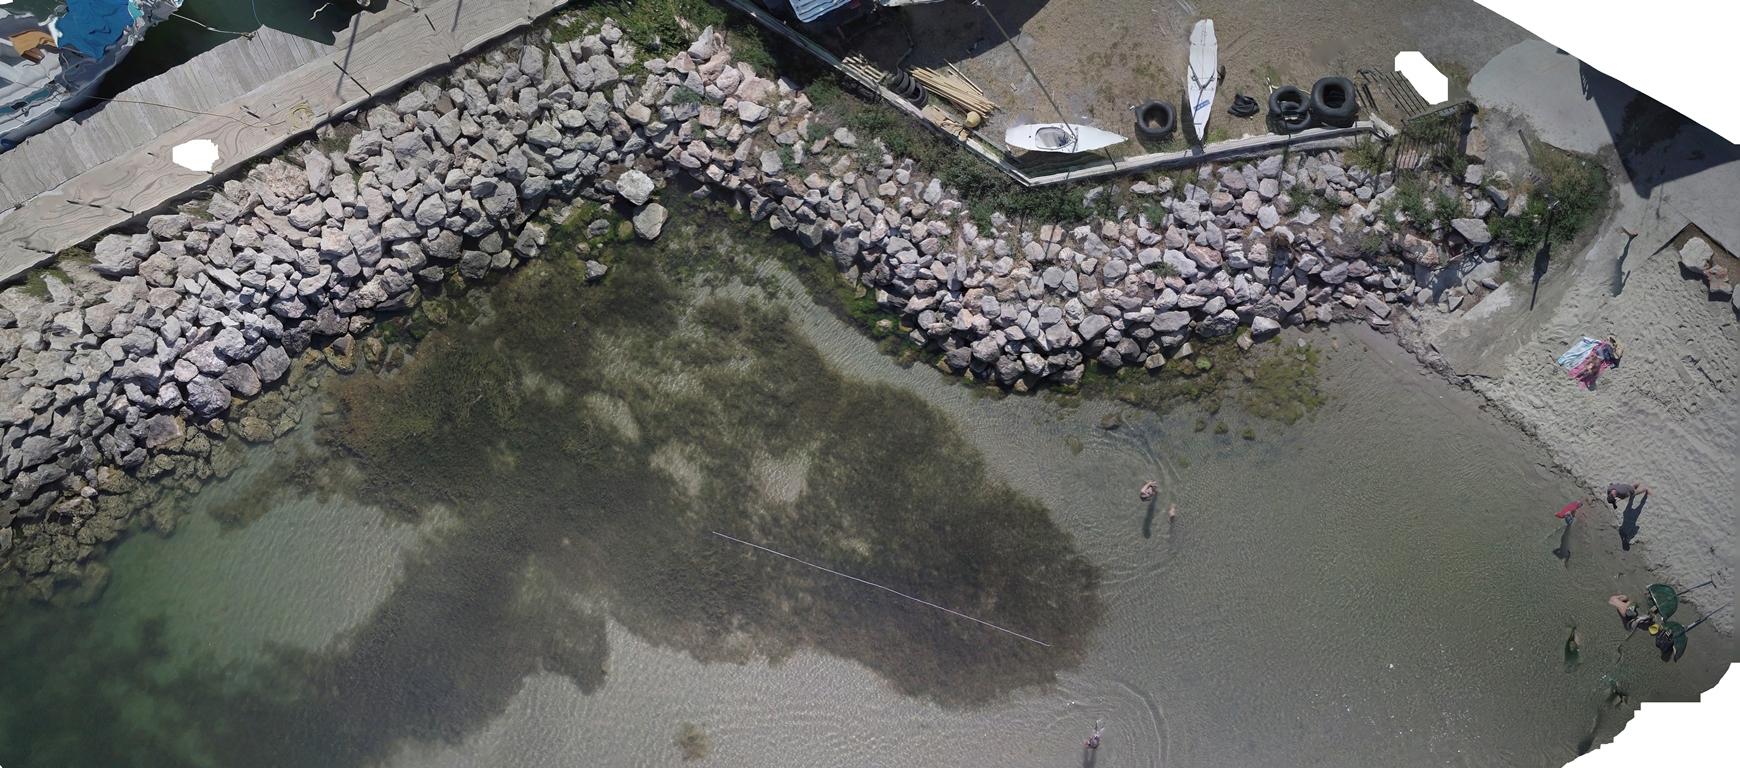 L'orthophotoplan, réalisé grâce au drone, révèle avec exactitude l'herbier de l'étang de Thau © Octopus Foundation